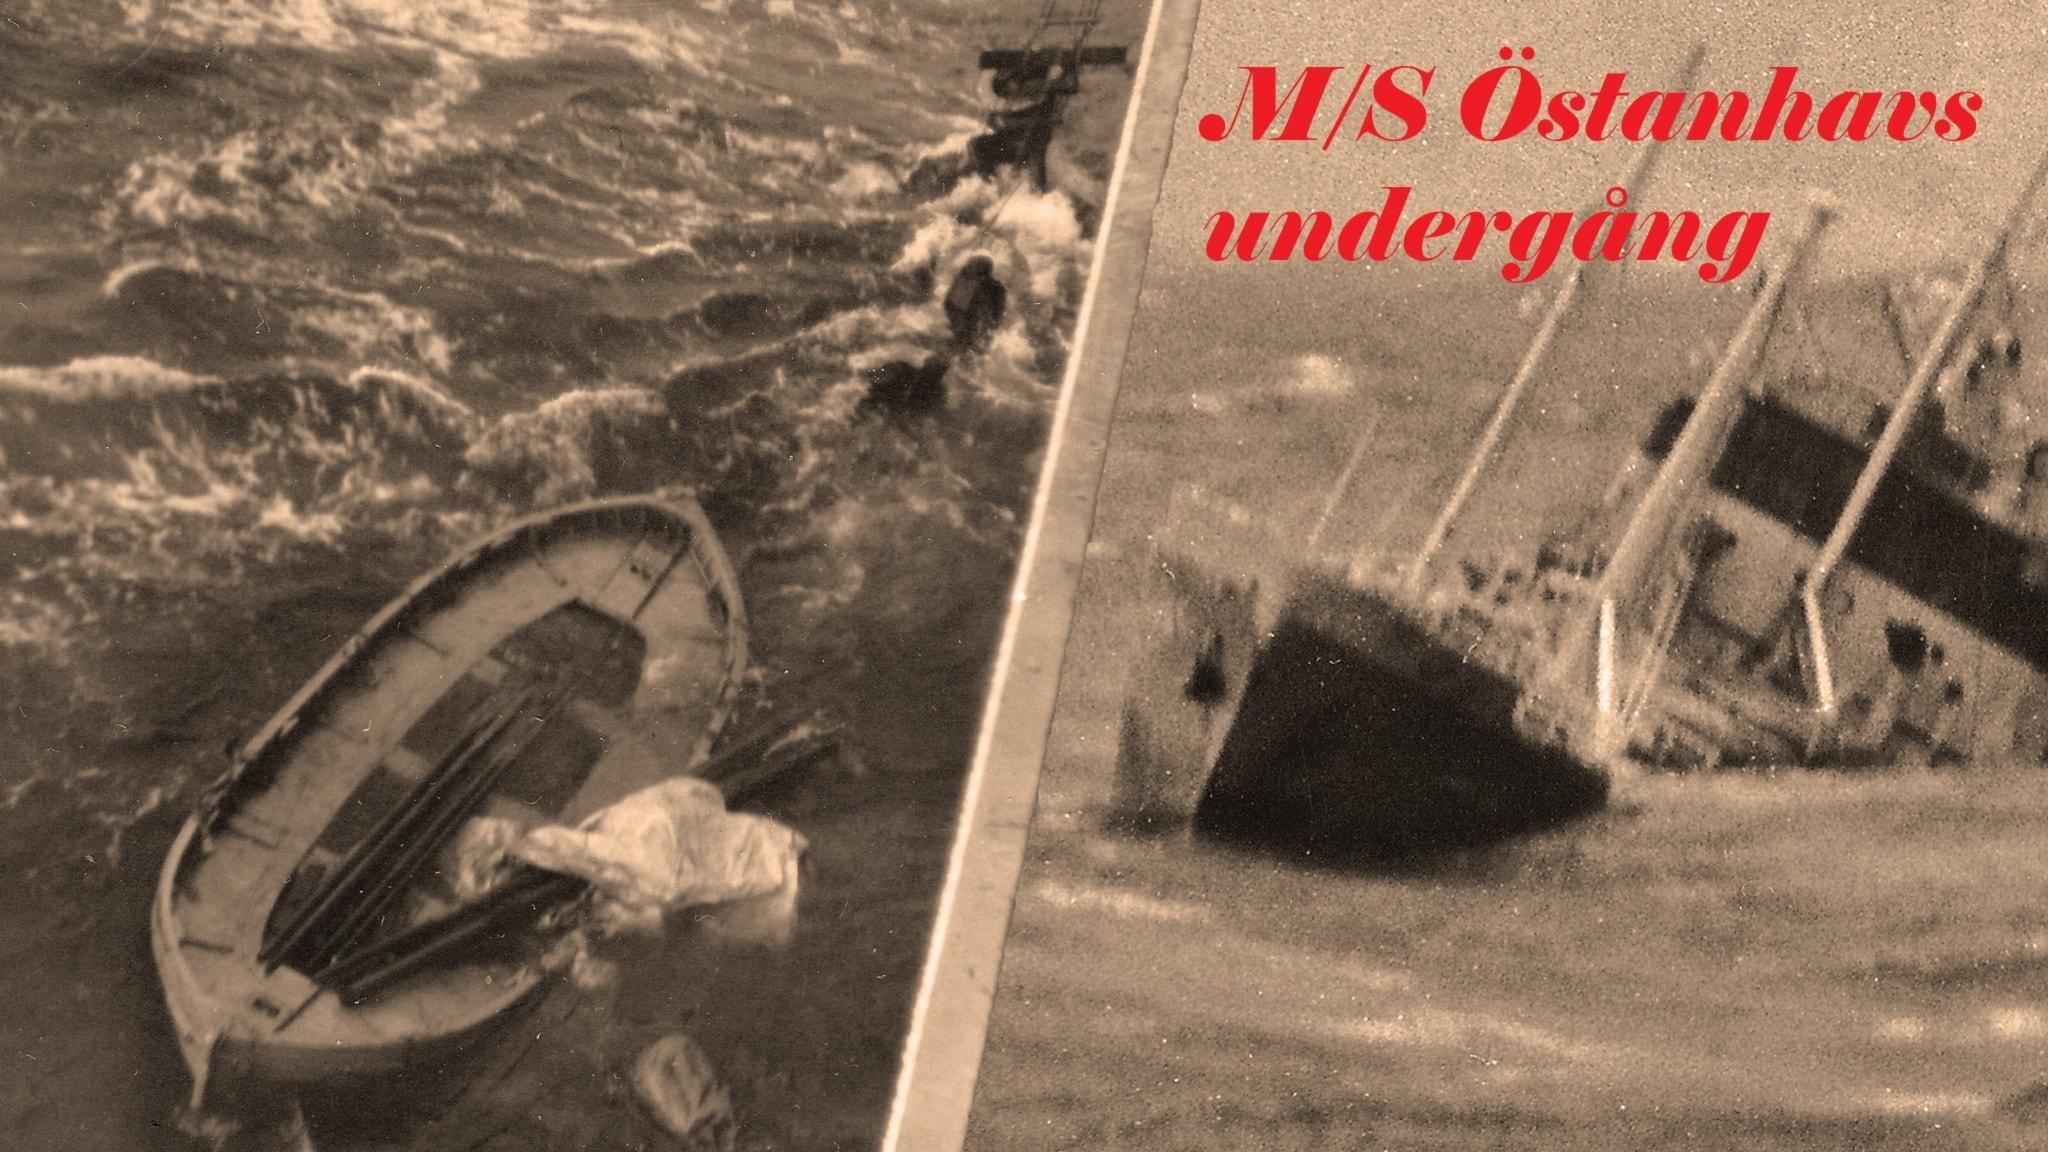 Bild på besättningsmän i vattnet bredvid en vattenfylld livbåt